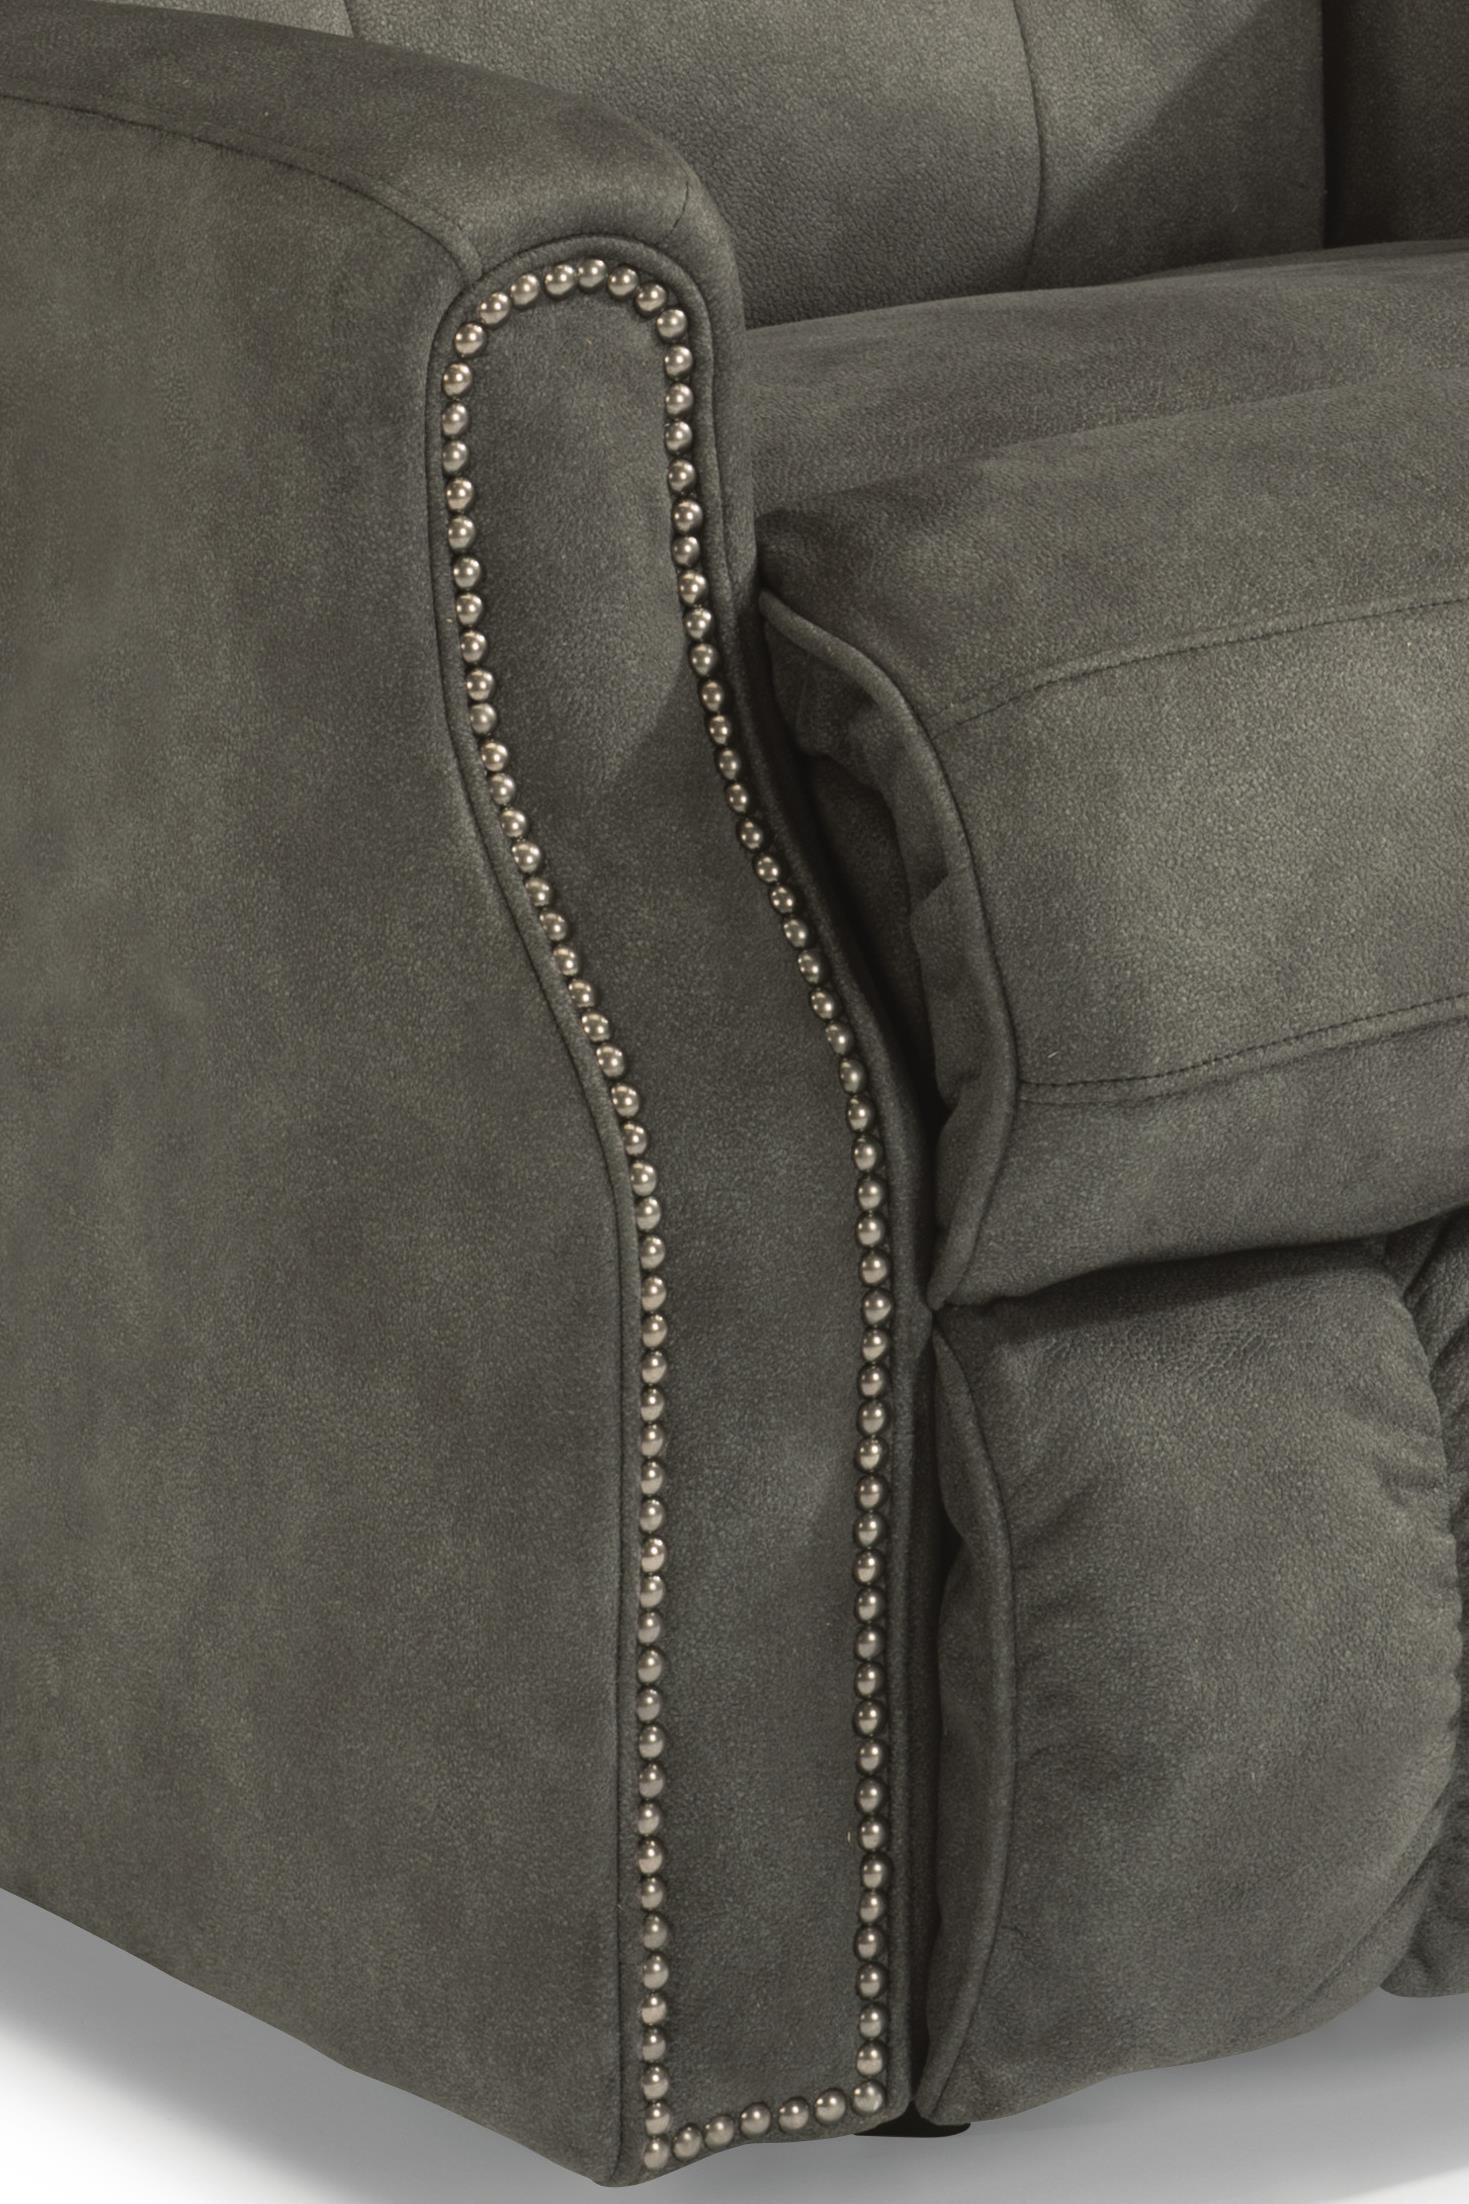 Pleasing Devon 2881 By Flexsteel Hudsons Furniture Flexsteel Squirreltailoven Fun Painted Chair Ideas Images Squirreltailovenorg